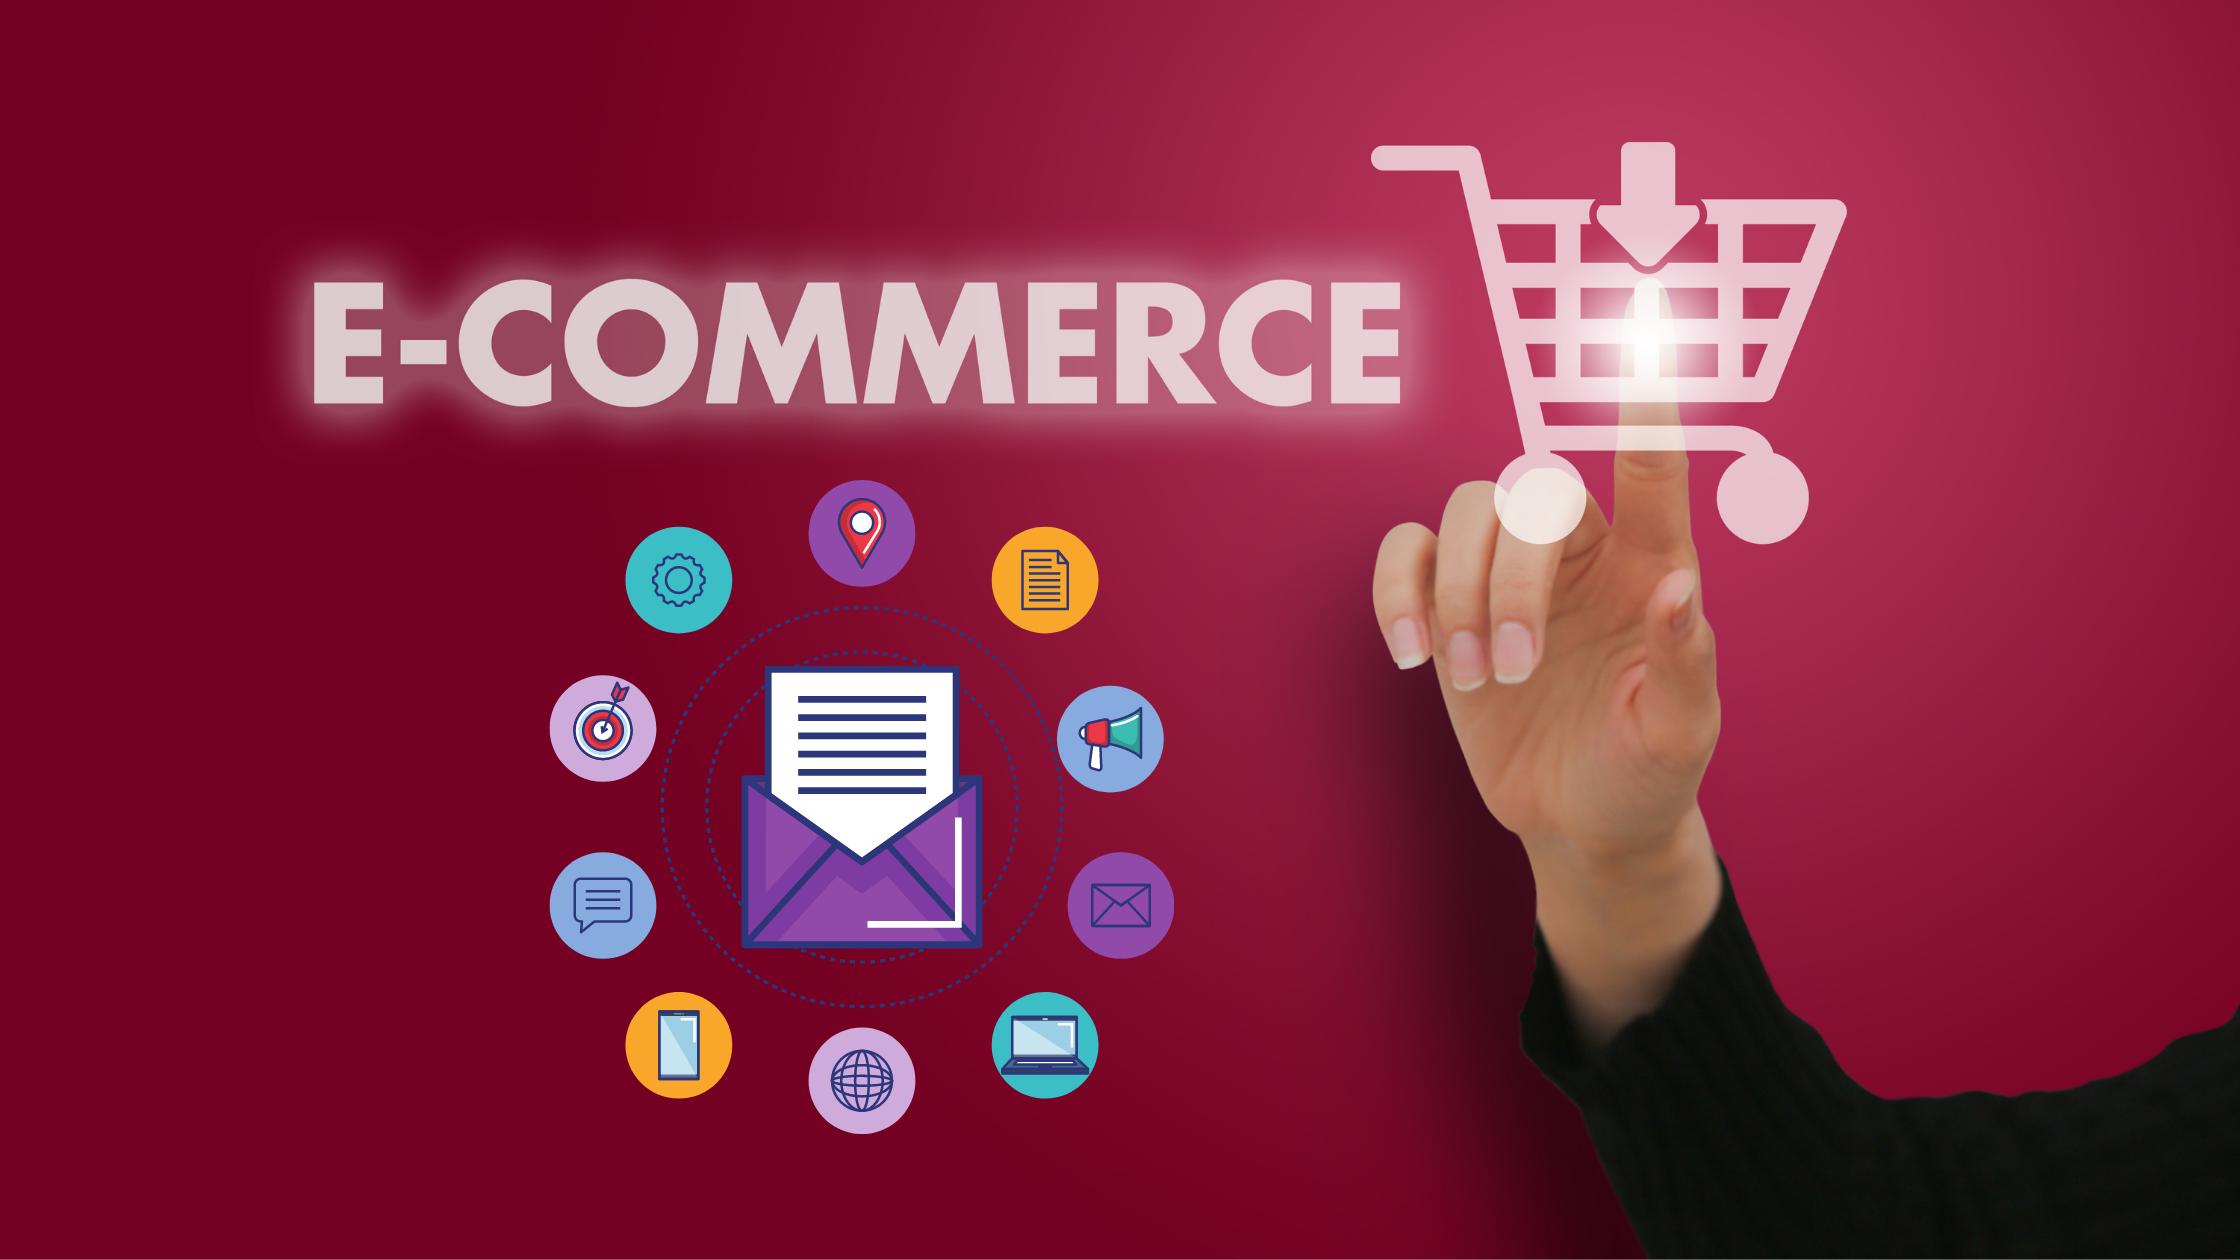 5 automazioni per aumentare le vendite del tuo e-commerce